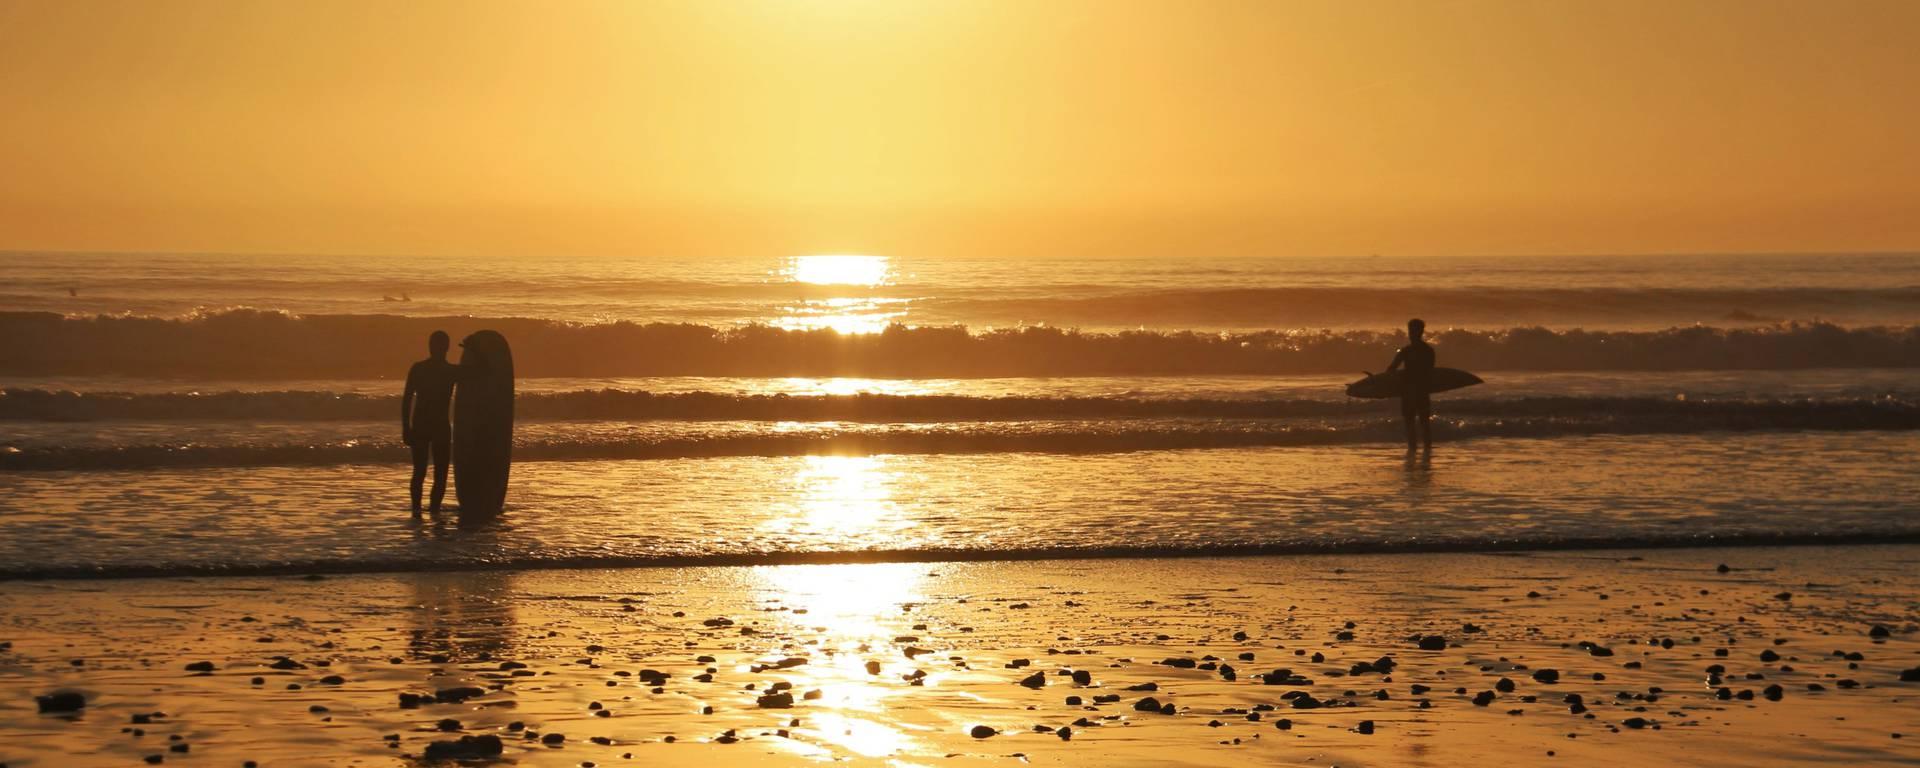 Coucher de soleil plage, Ile de Ré